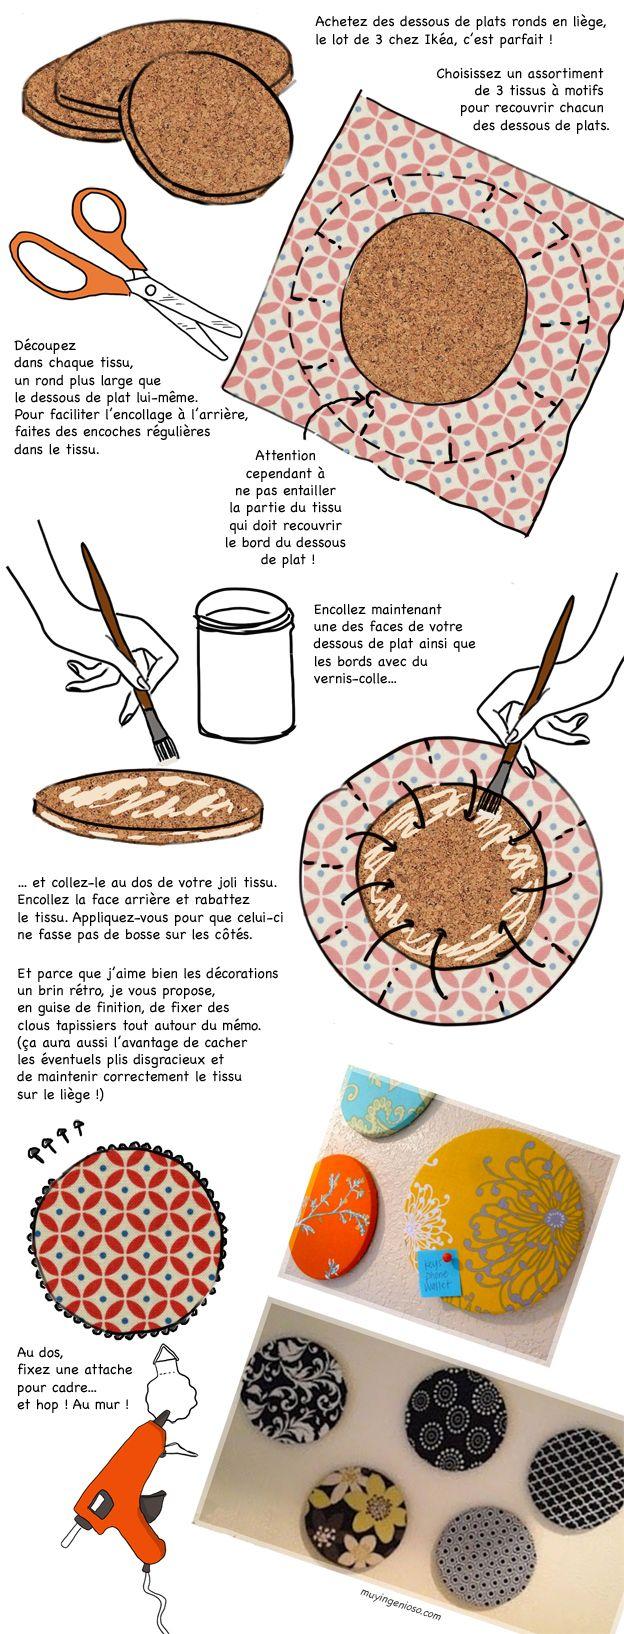 DIY déco : recycler des dessous de plats en mémos - Loisirs créatifs